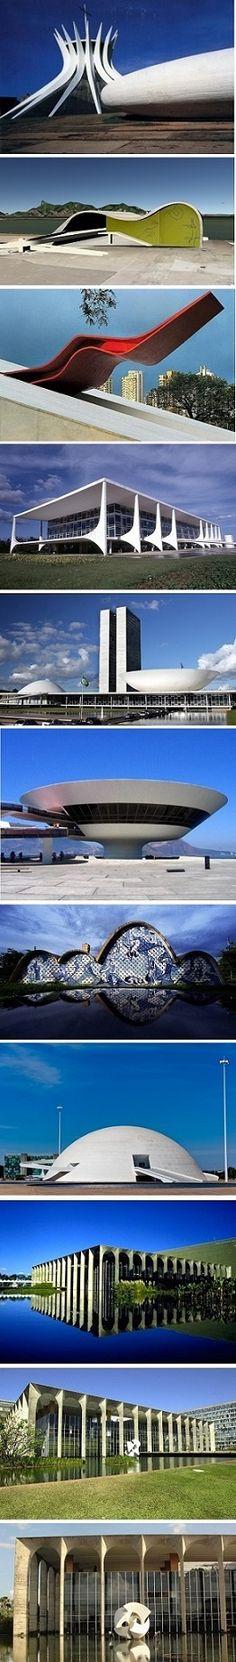 Oscar Niemeyer buildings in Brazil